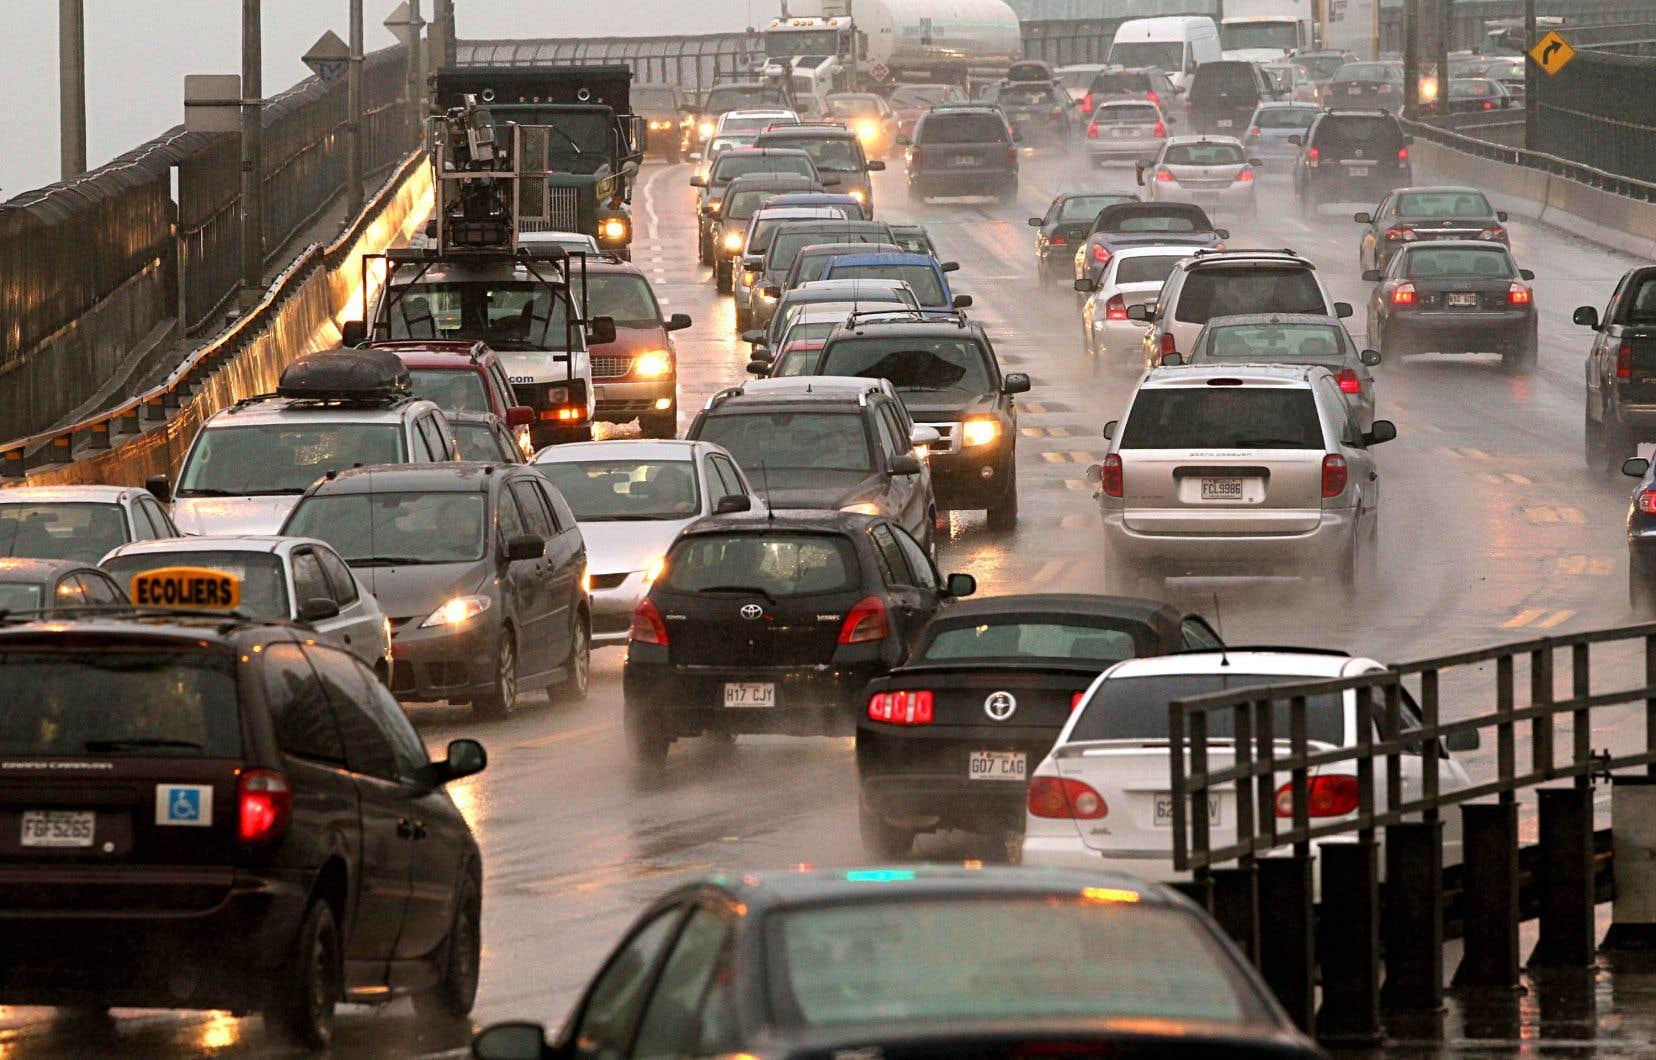 «L'investissement dans de nouvelles infrastructures routières ne peut avoir que des retombées négatives aussi bien pour le trafic automobile que pour les services de transports collectifs», estime l'auteur.